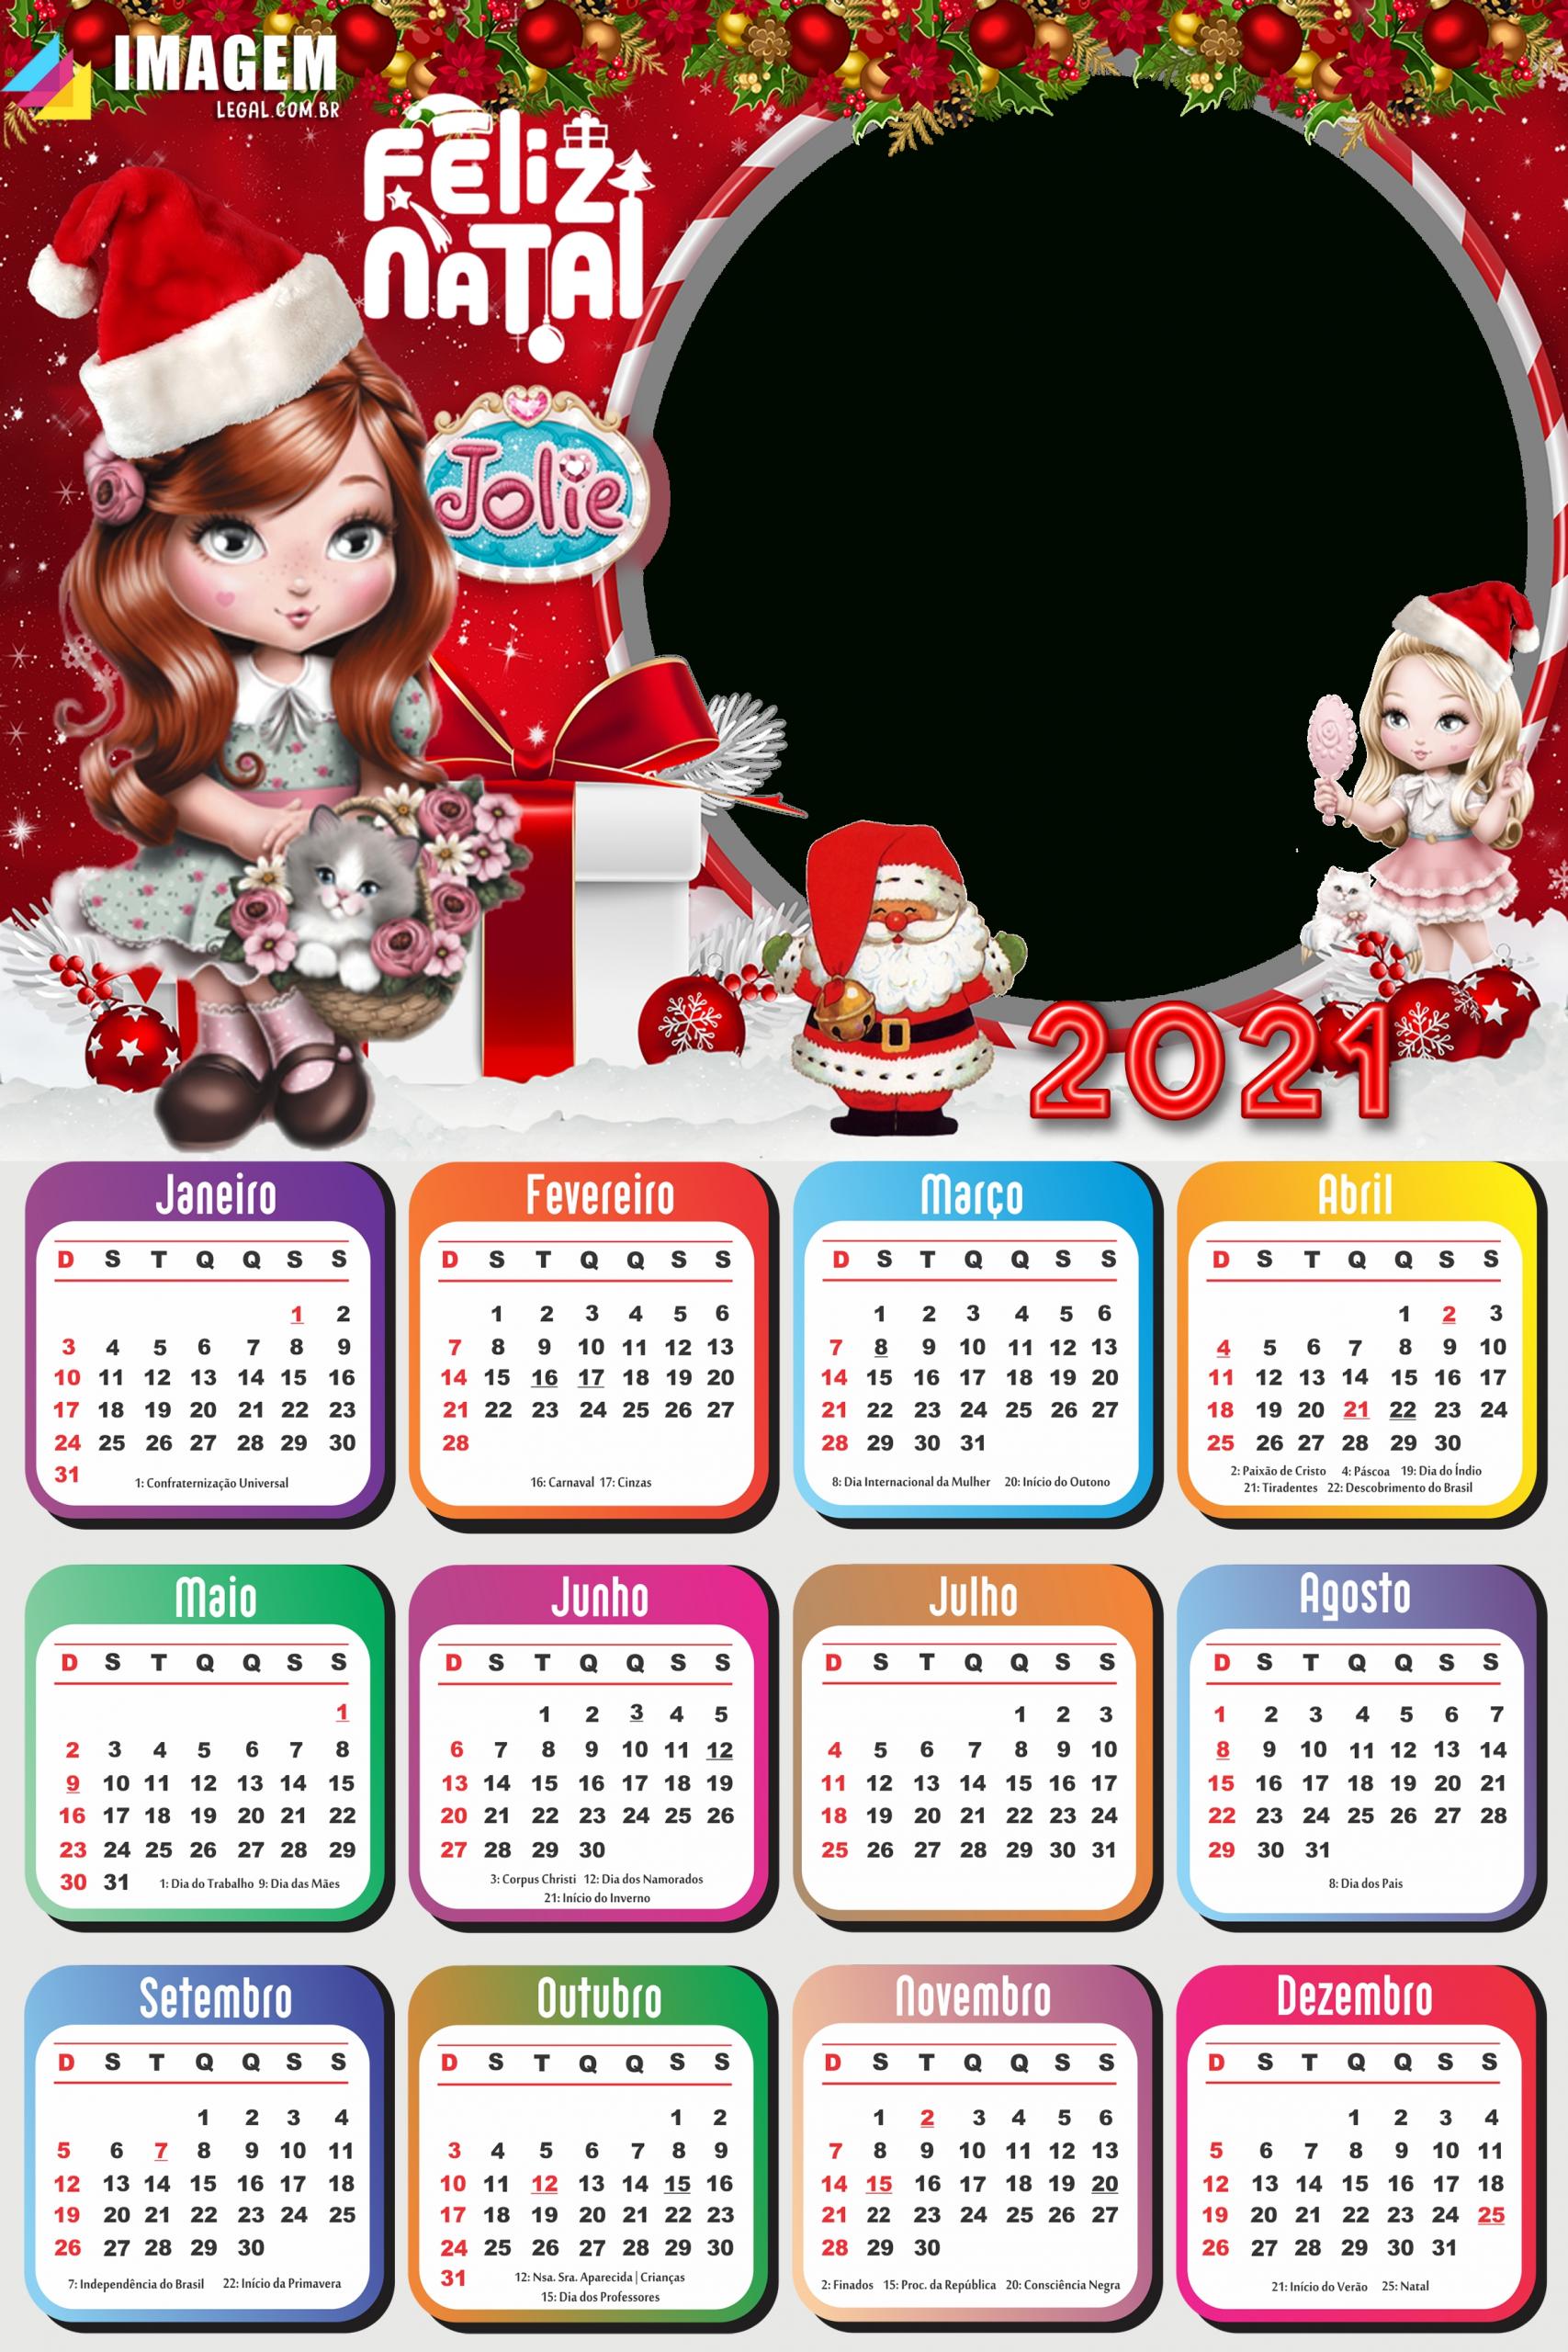 Calendário 2021 Png Feliz Natal Da Jolie | Imagem Legal with regard to 2021 Calendar With Days 1-365 Image